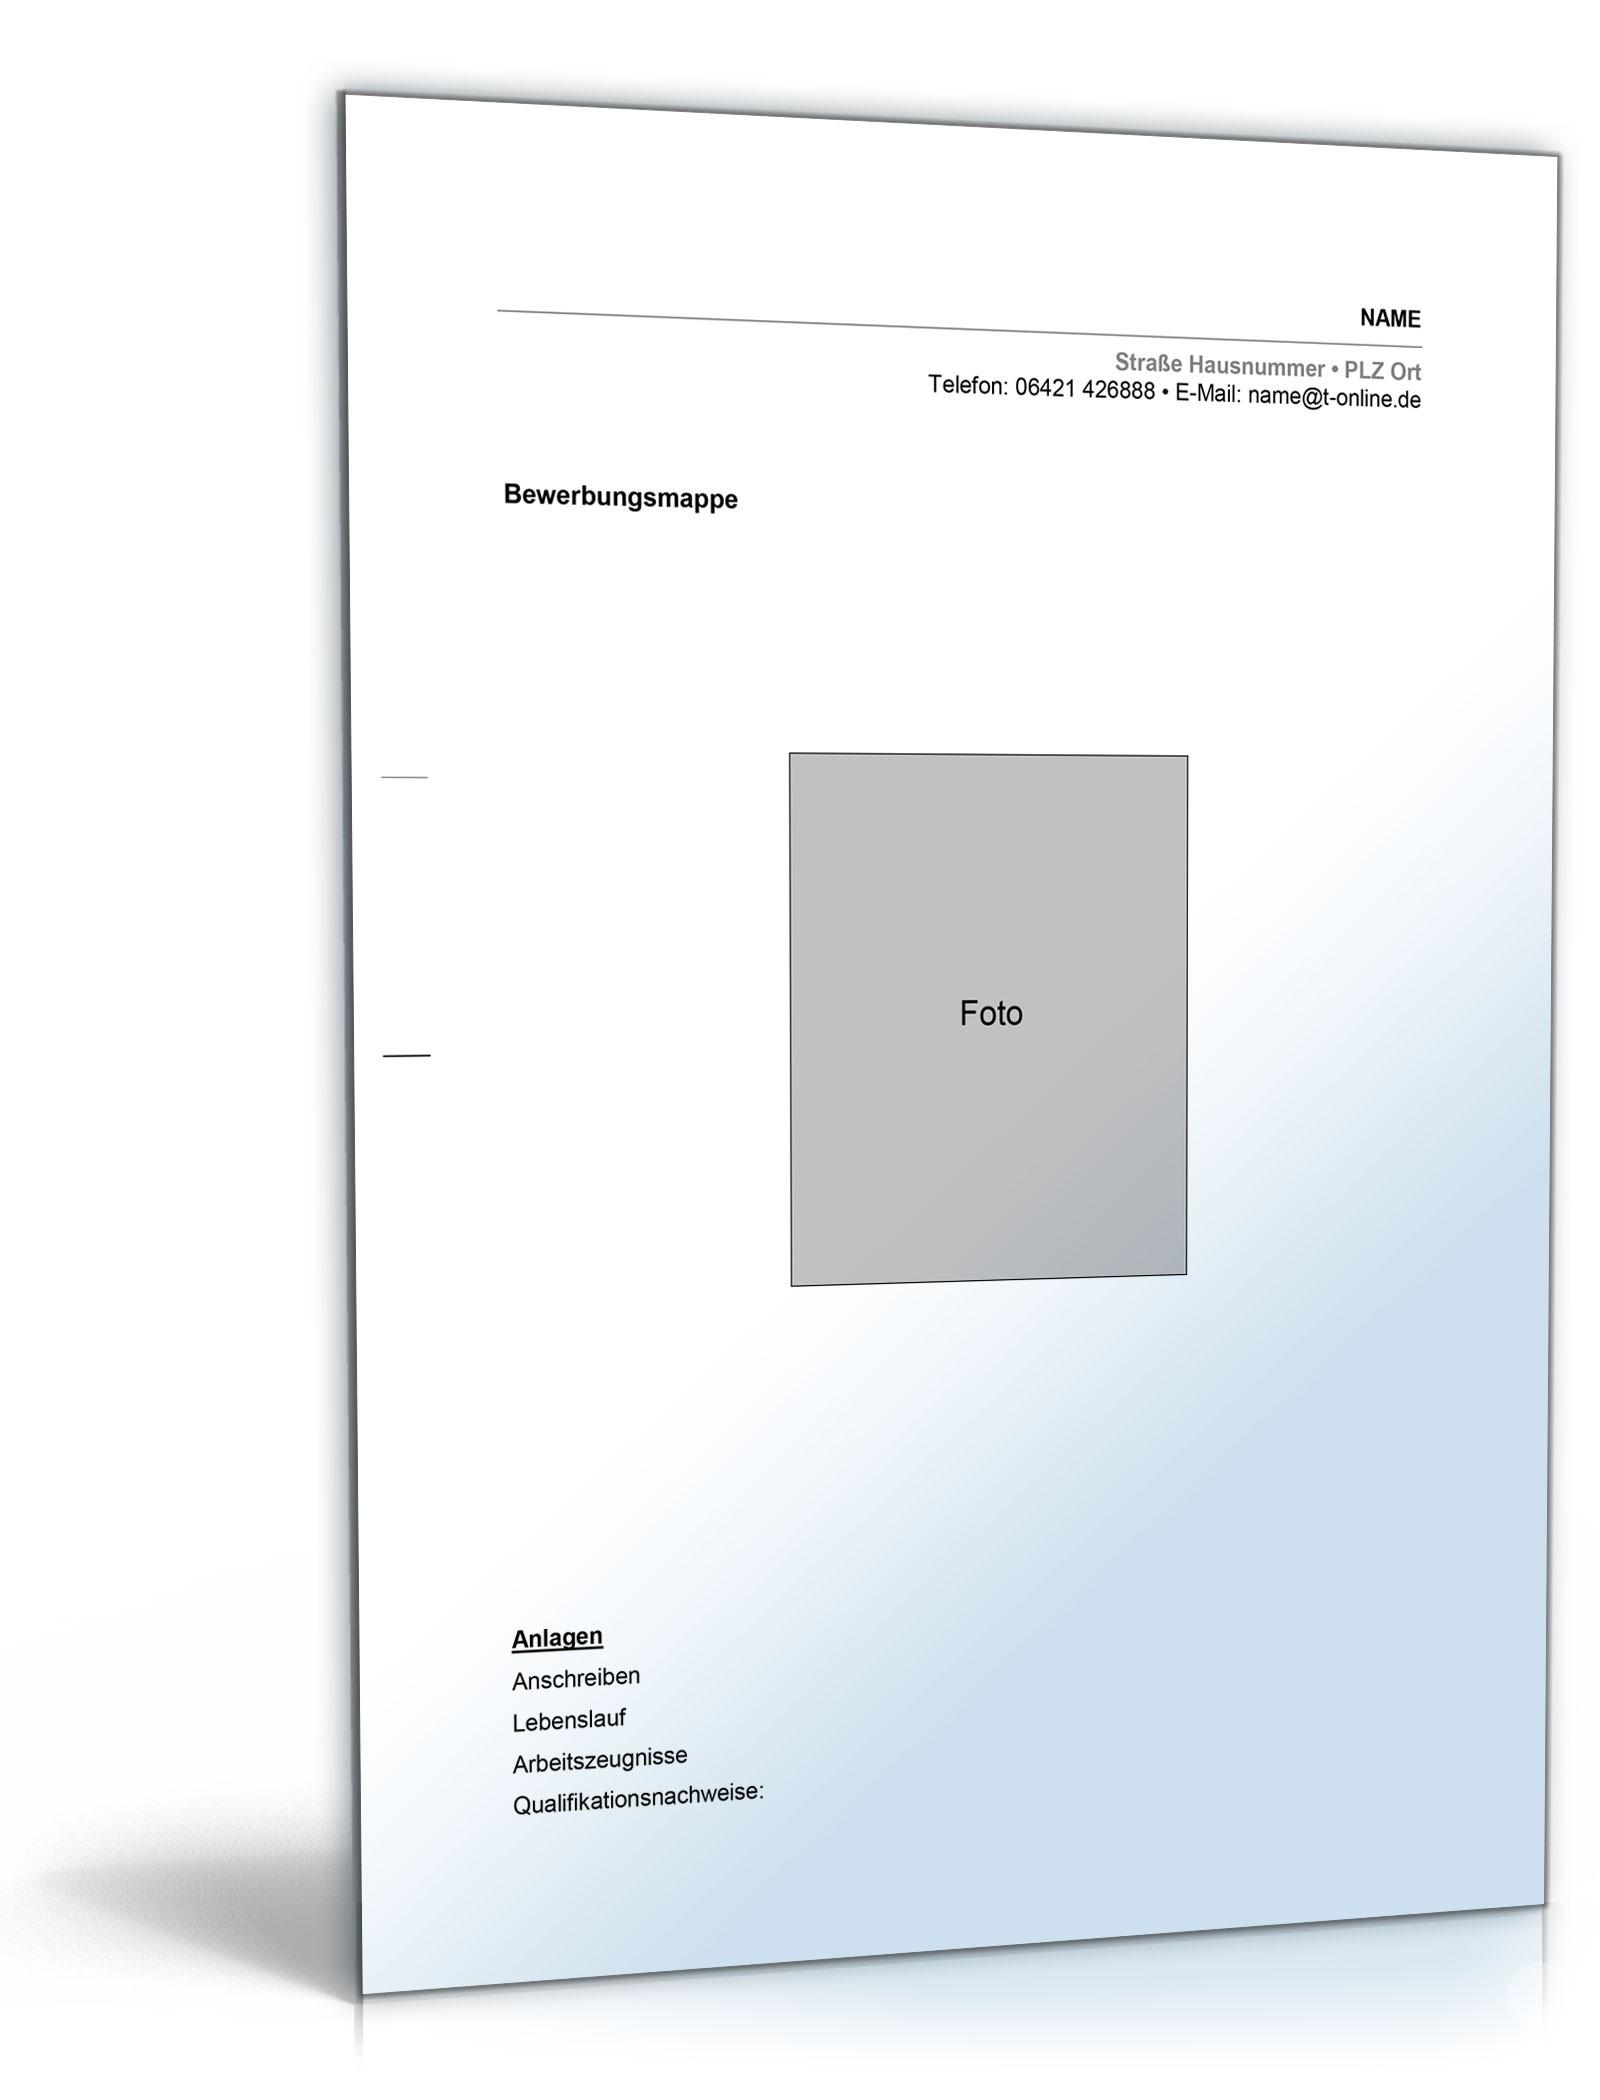 Wunderbar Massenkommunikation Lebenslauf Vorlage Galerie ...